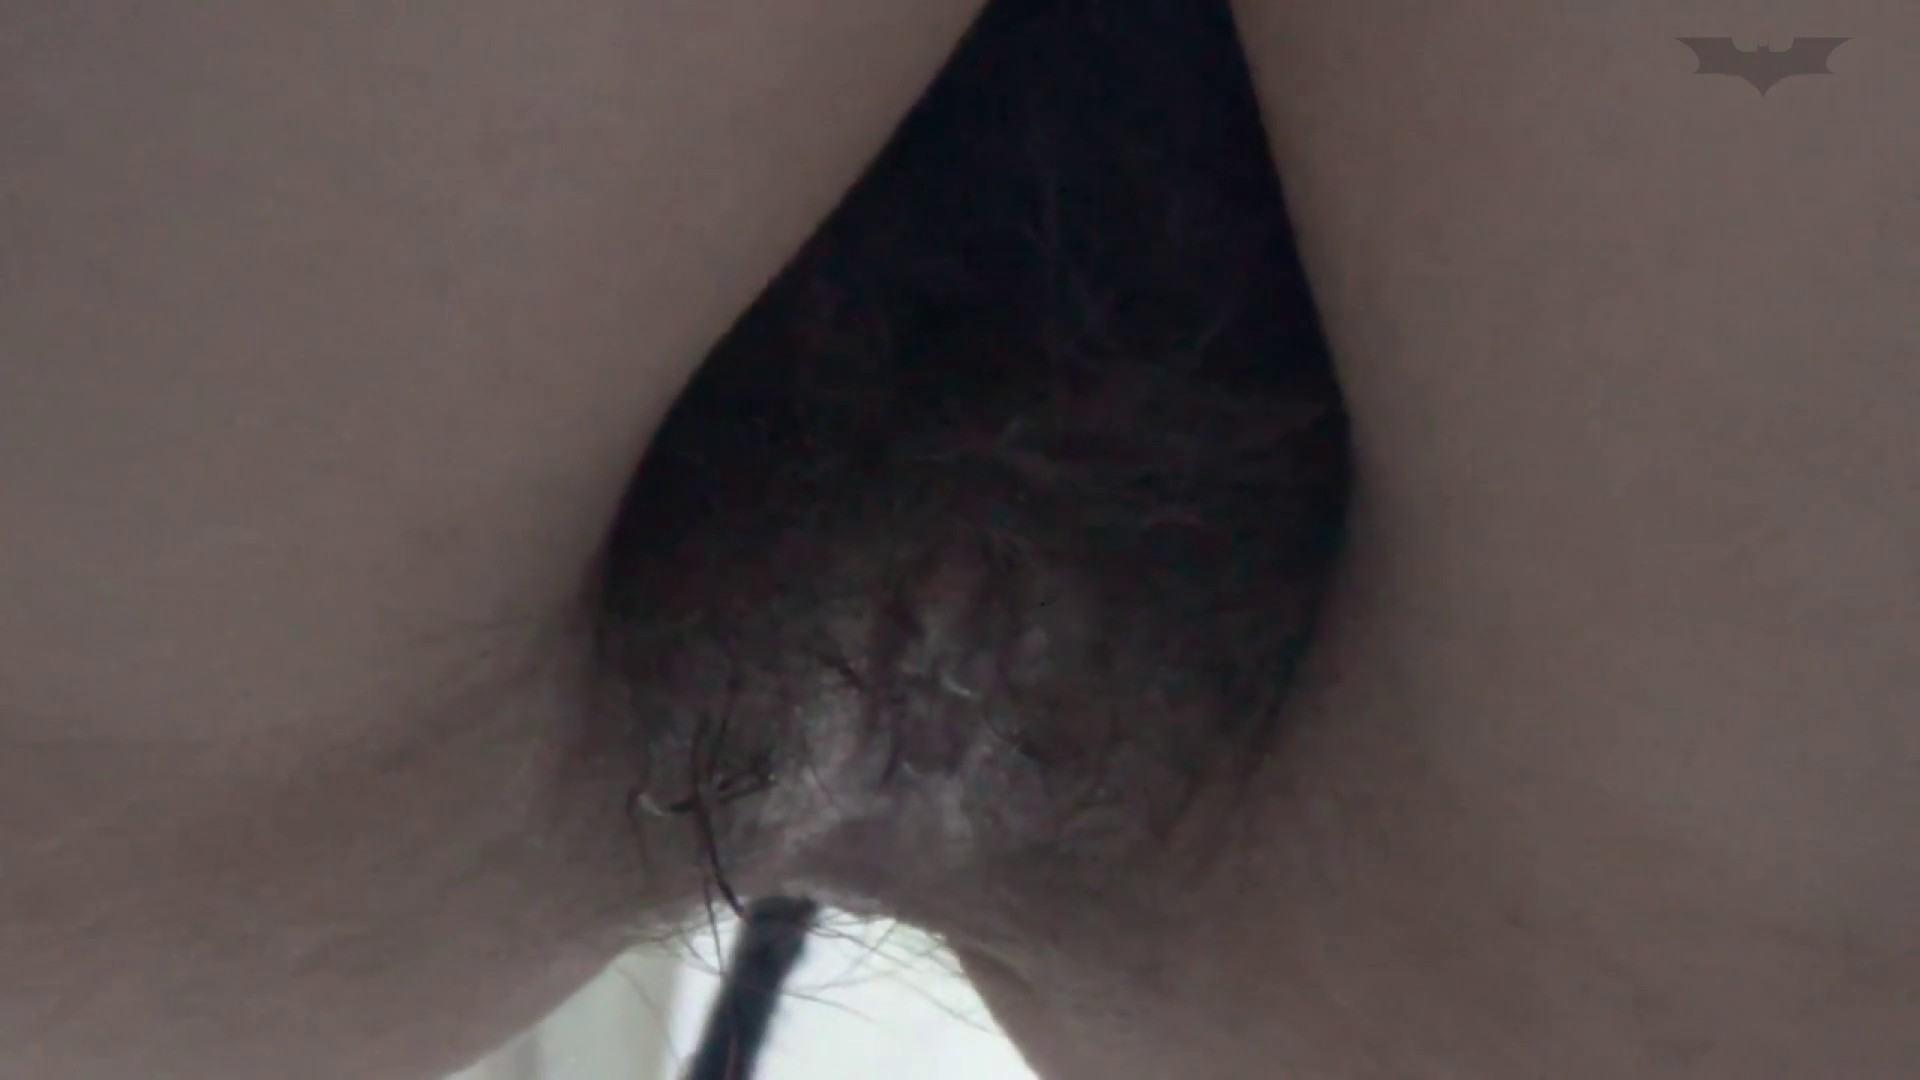 JD盗撮 美女の洗面所の秘密 Vol.47 高評価 オマンコ動画キャプチャ 108画像 7